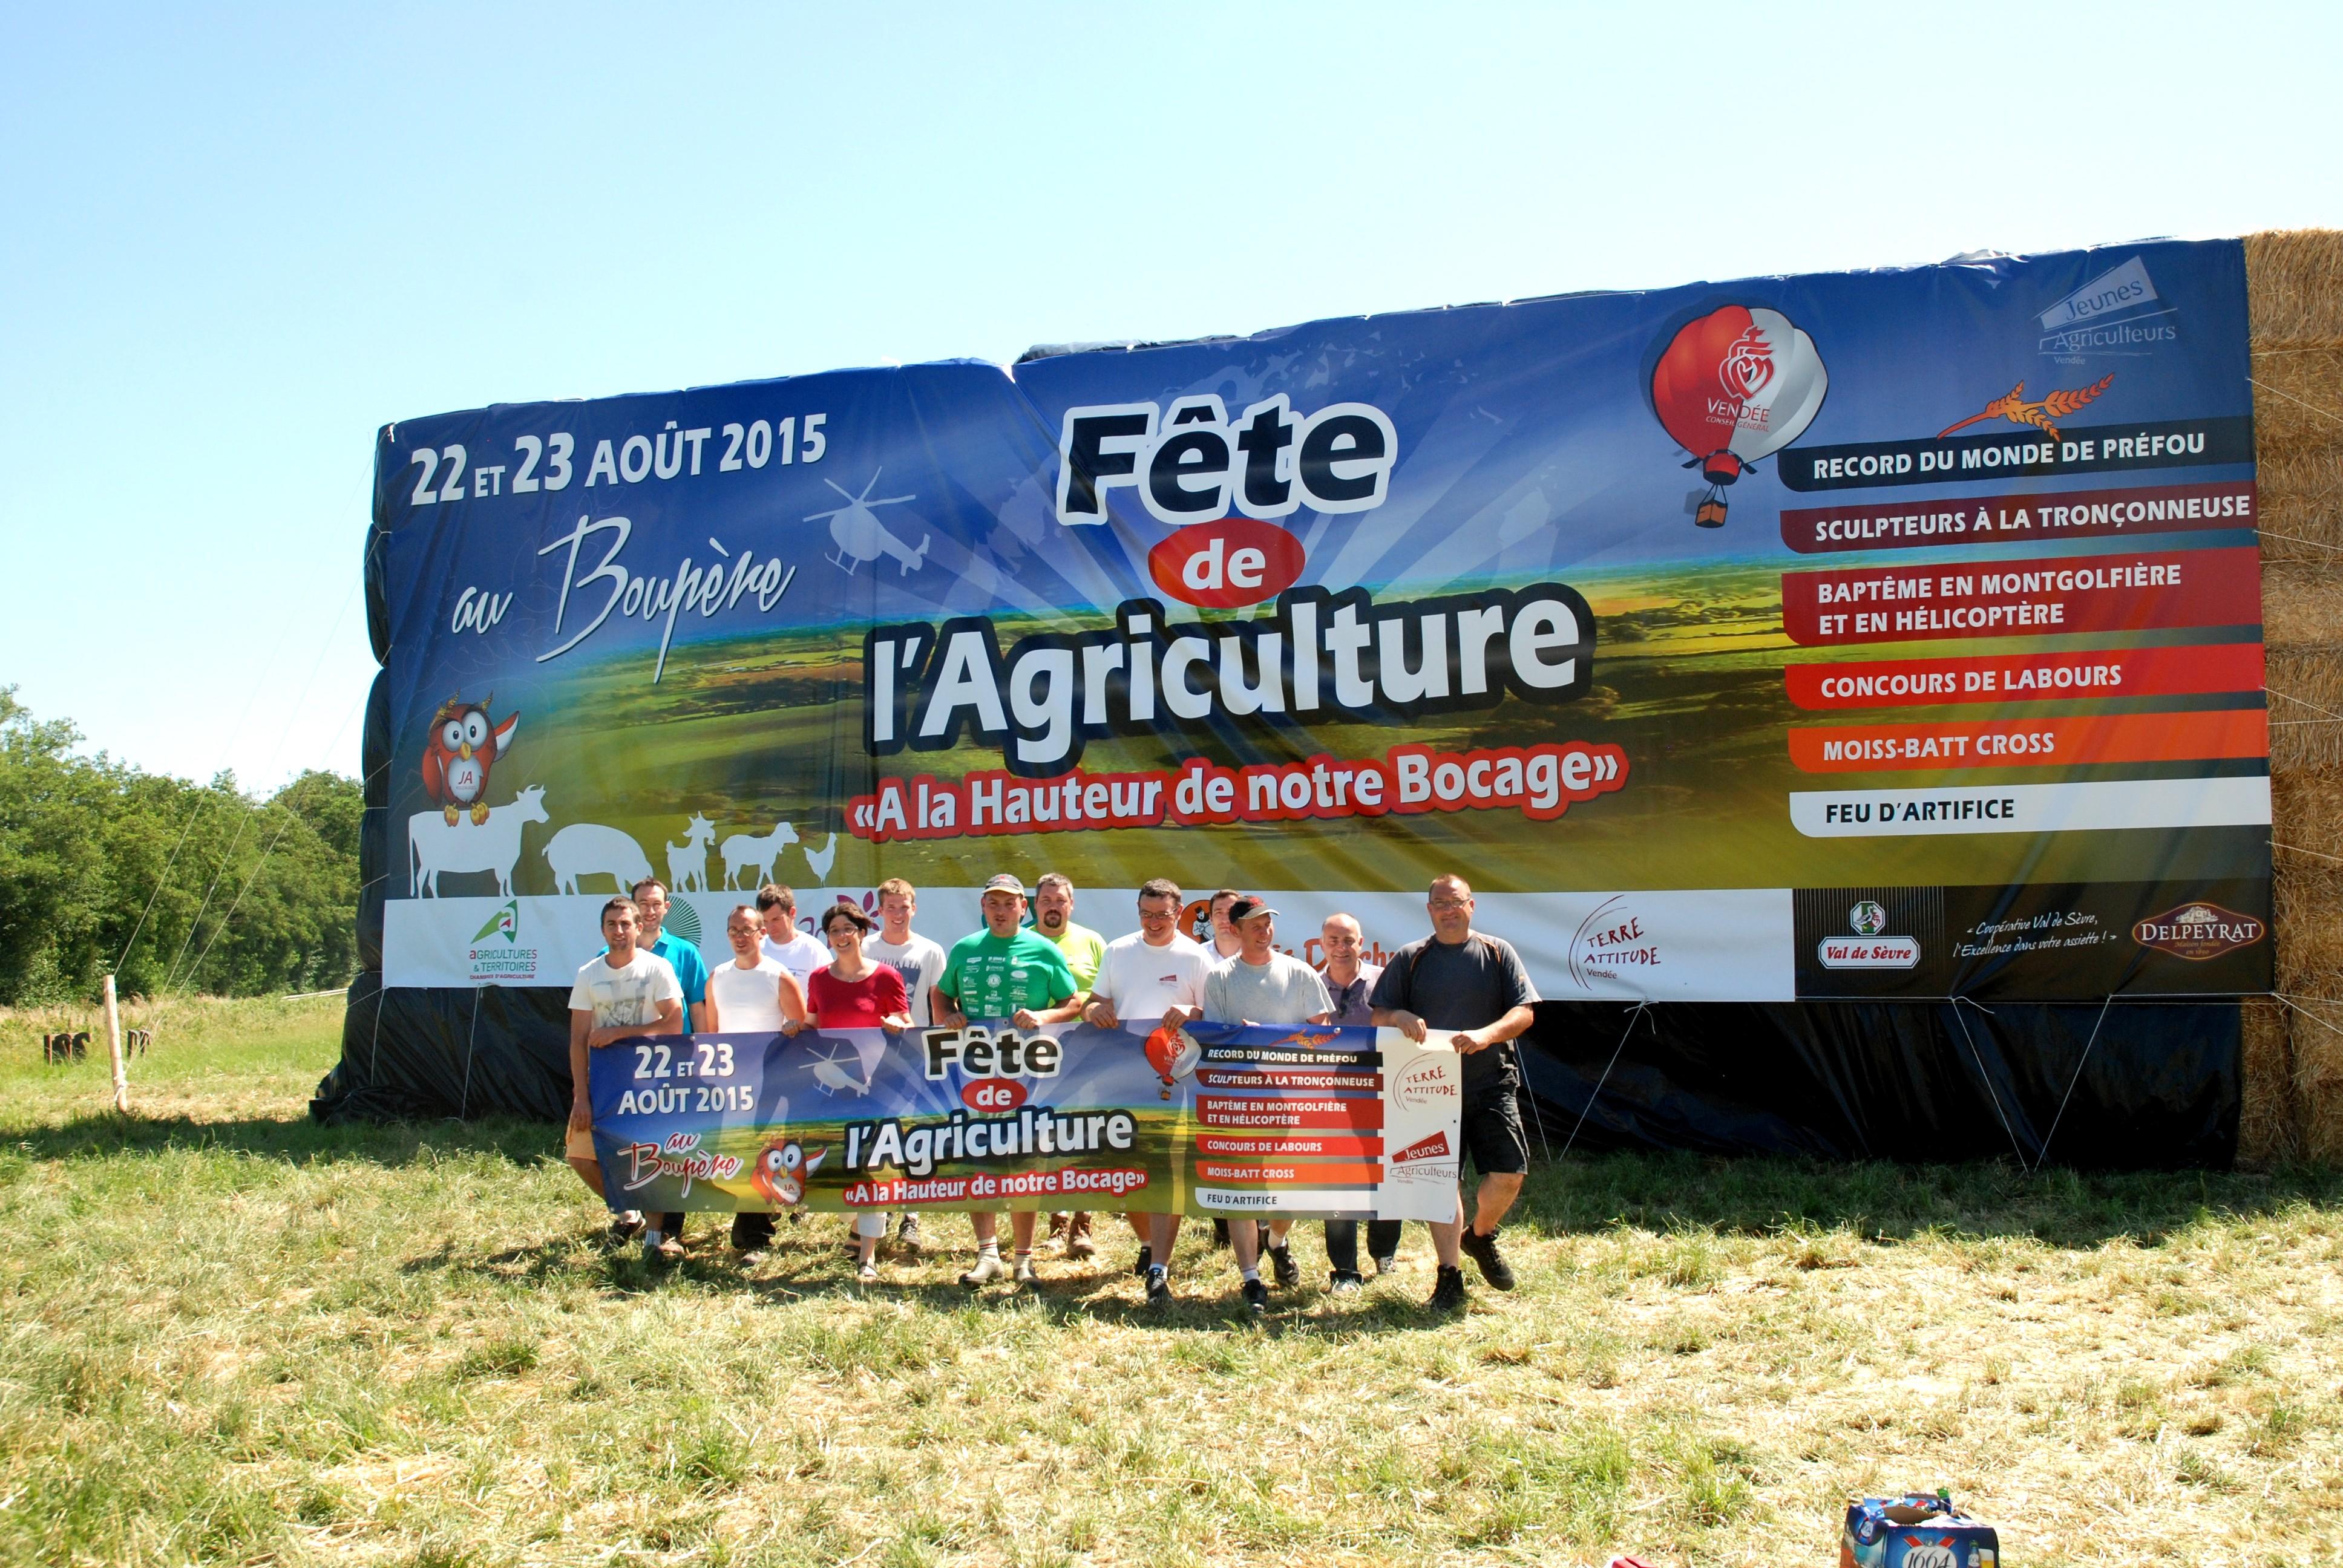 Fête de l'agriculture: plus de 30 000 personnes sont attendues les 22 et 23 août